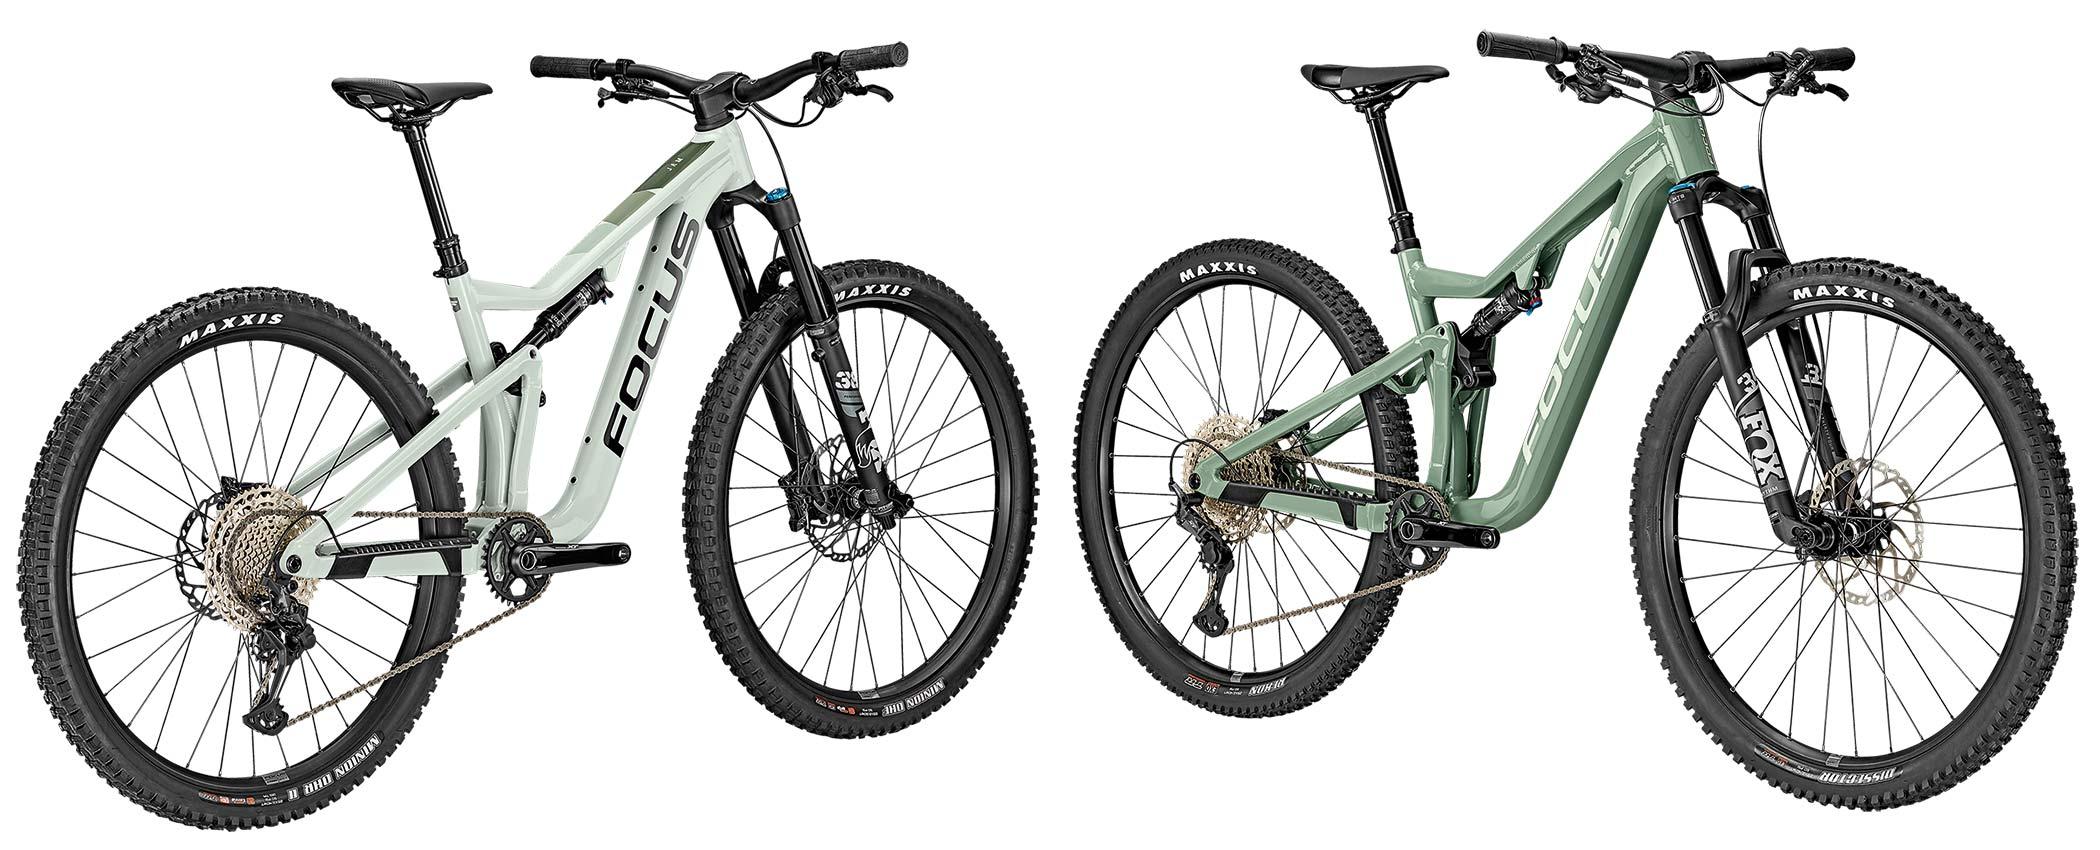 2021 Focus THRON 130mm trail & JAM150mm all-mountain bikes, affordable alloy MTB trail bike,head to head